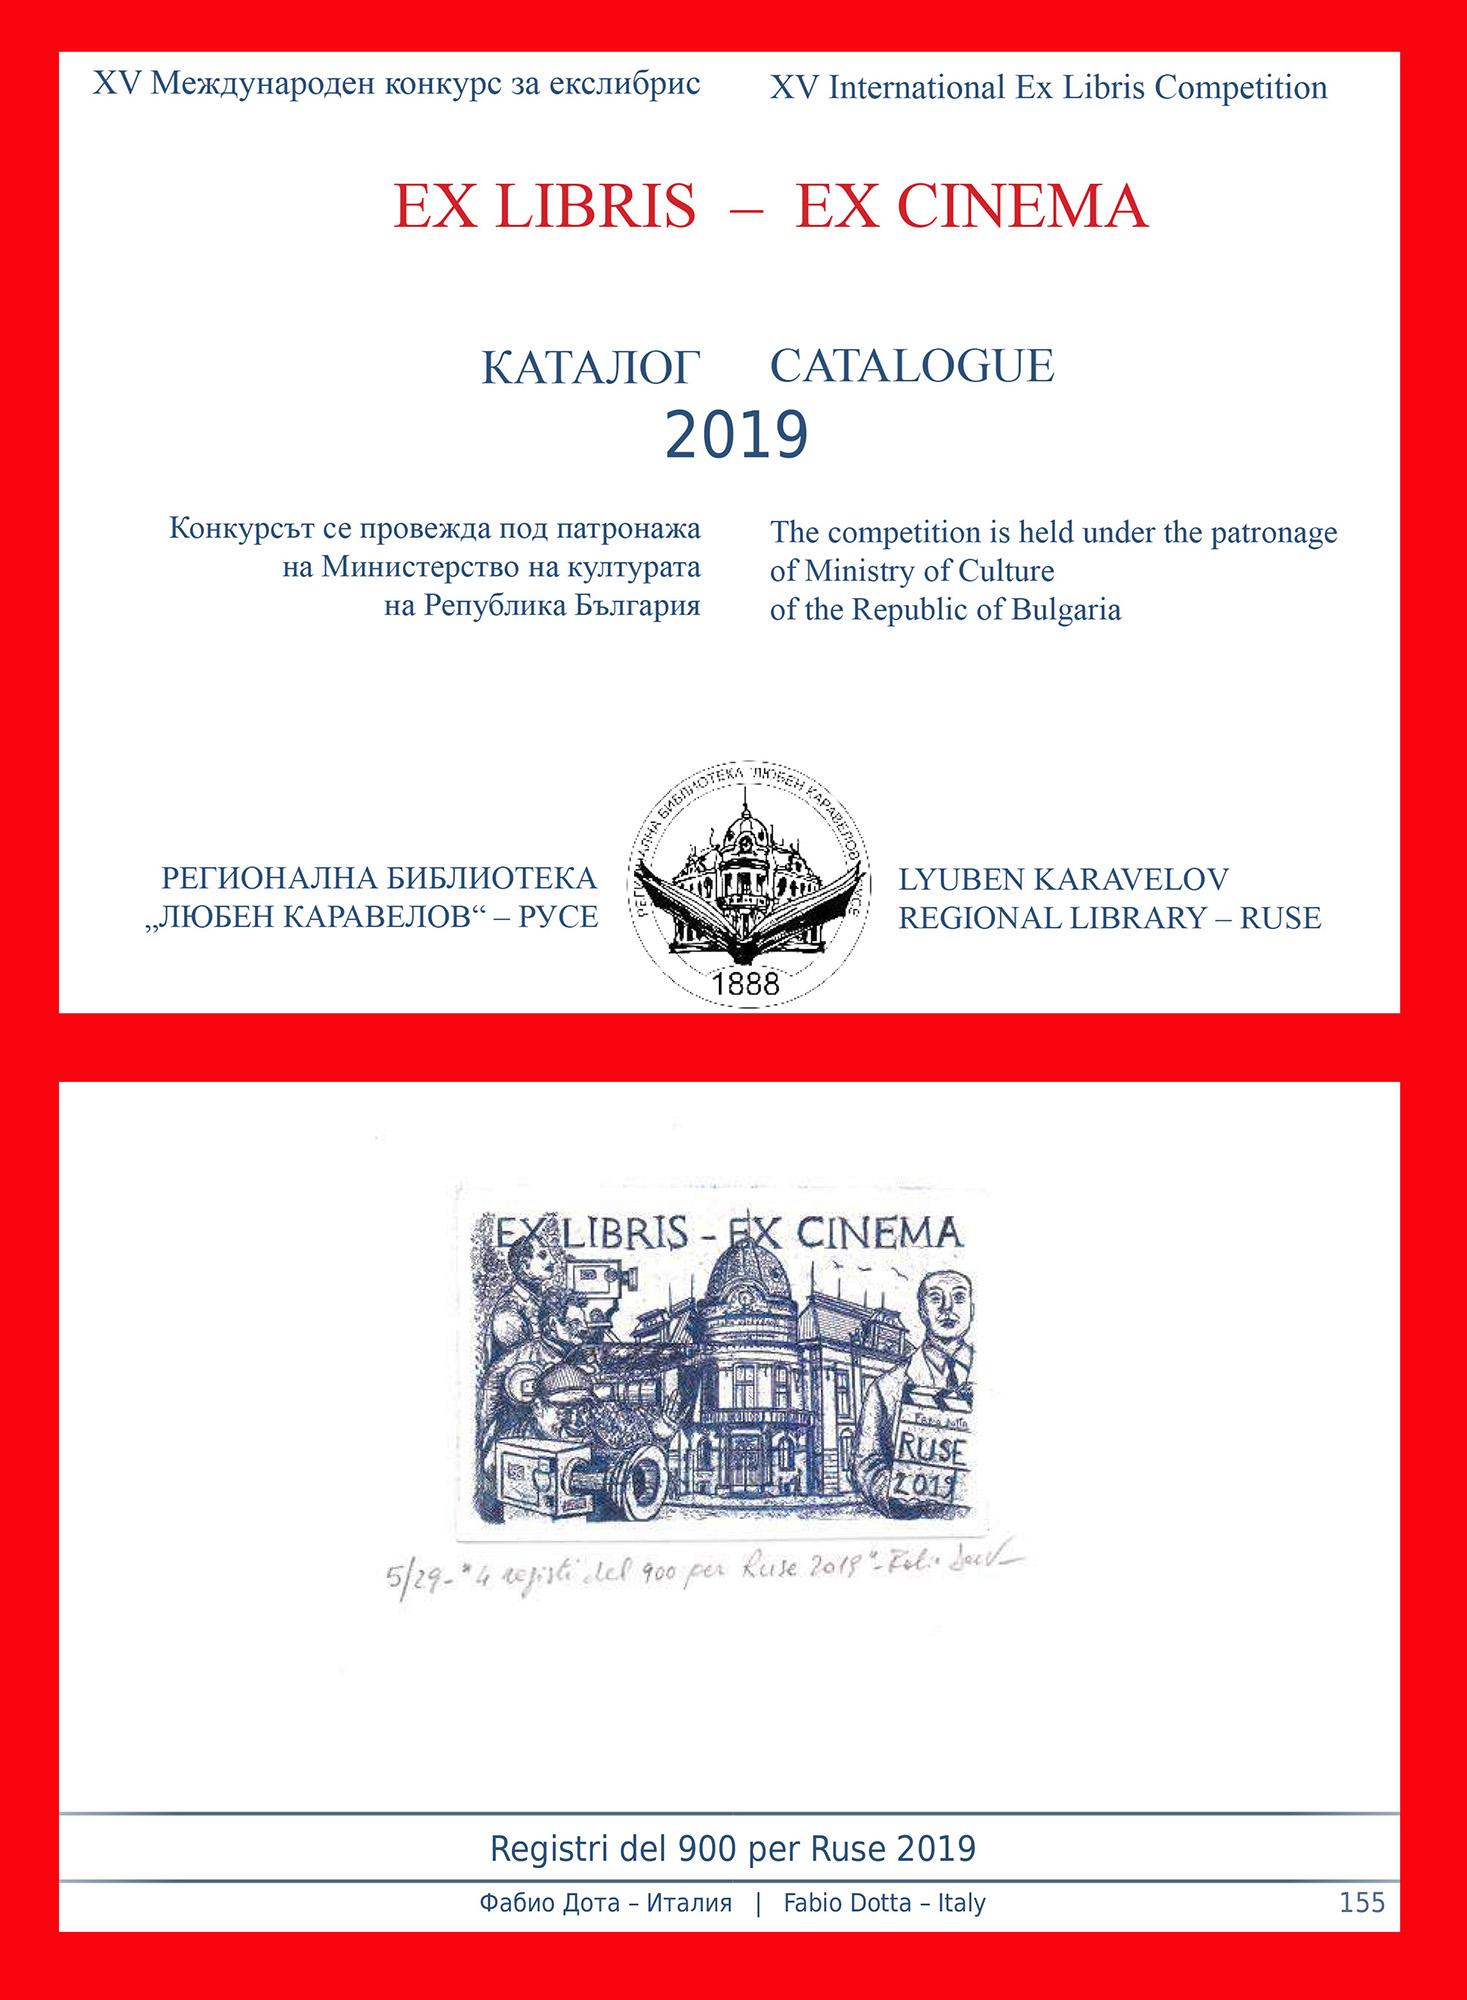 RUSE 2019 PUBBLICAZIONE PAG 155 DI 611